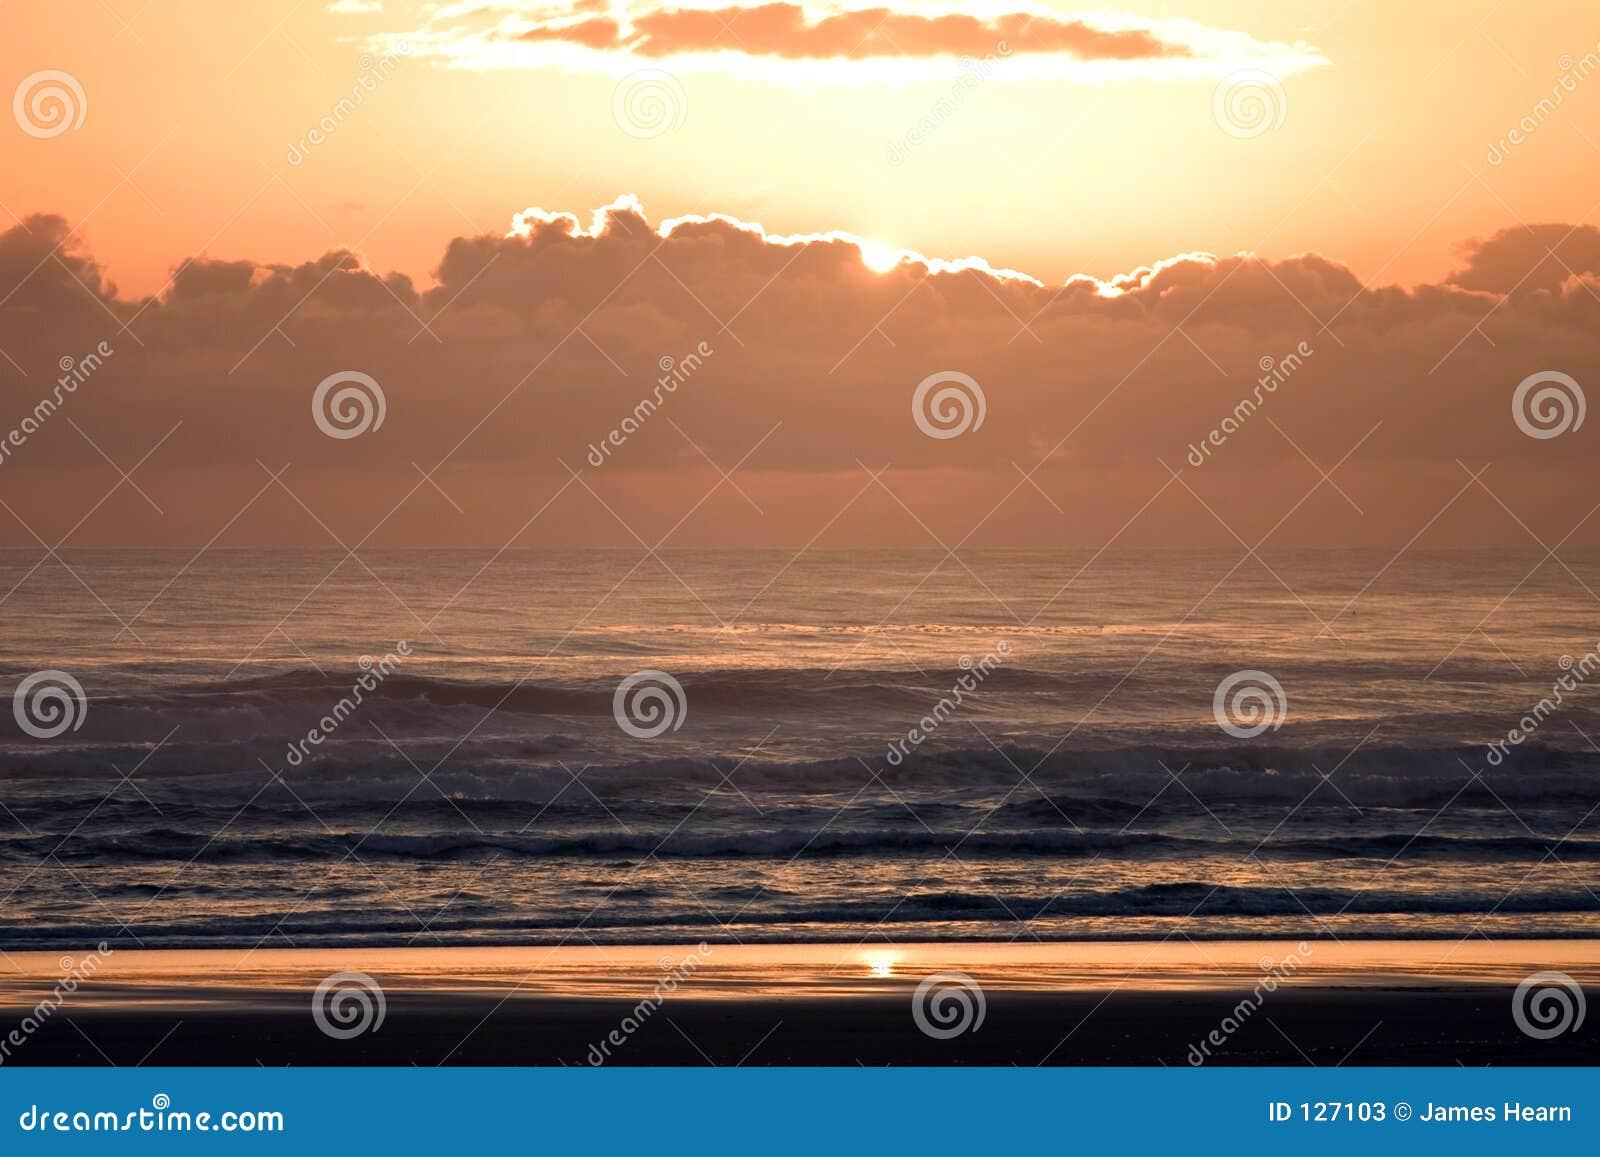 яркие облака плавают вдоль побережья sunsetbeach w солнца берега Орегона pacific океана природы зарева померанцовое установленное